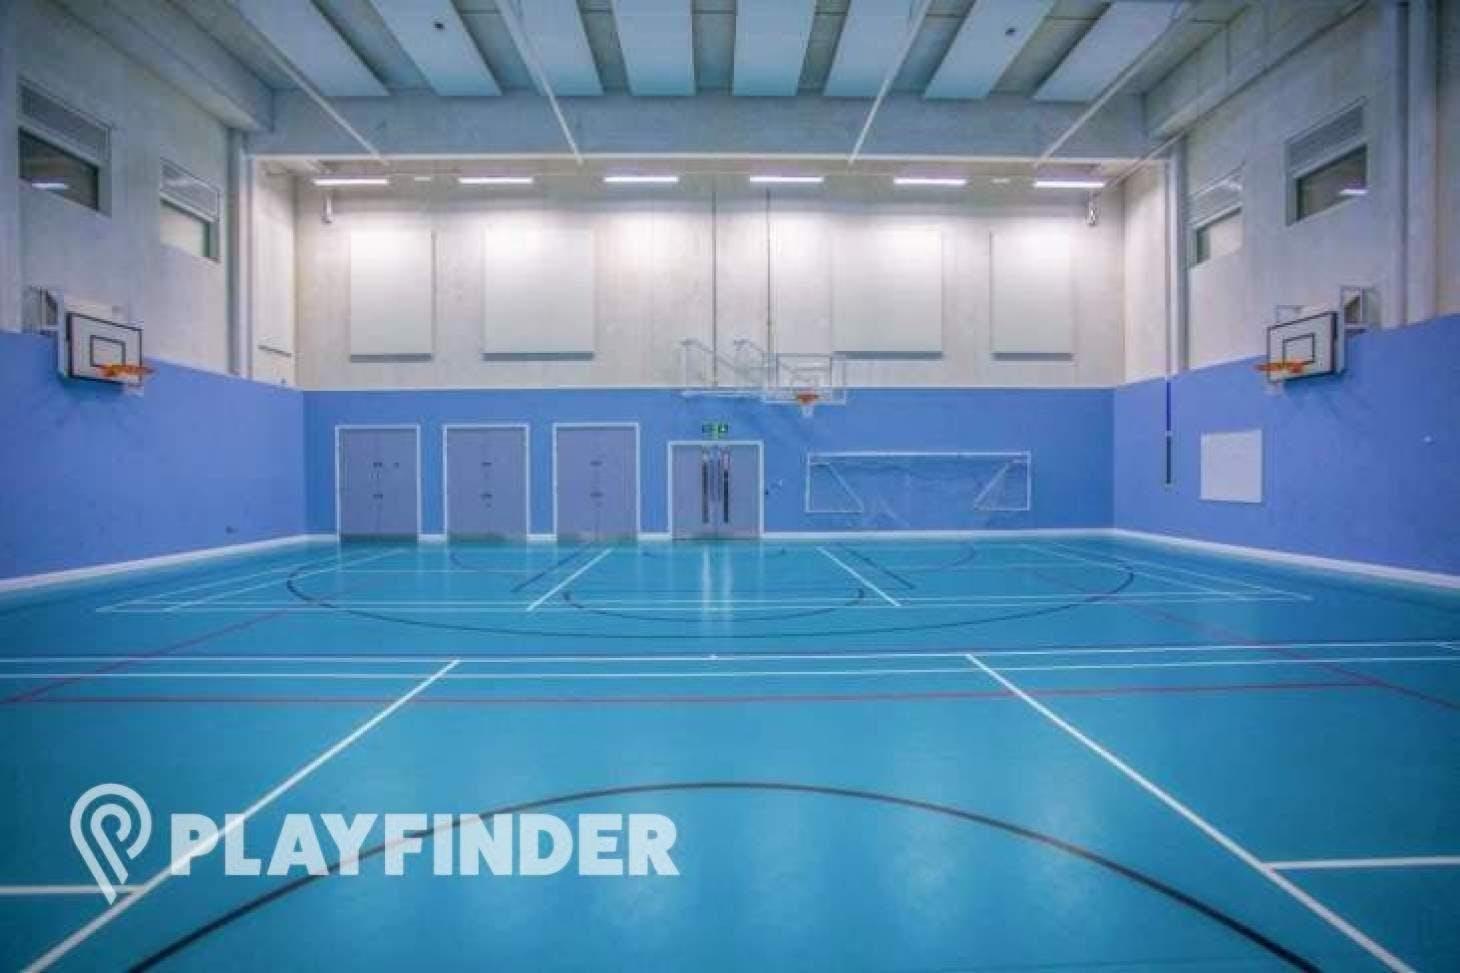 Mossbourne Victoria Park Academy Indoor | Hard badminton court